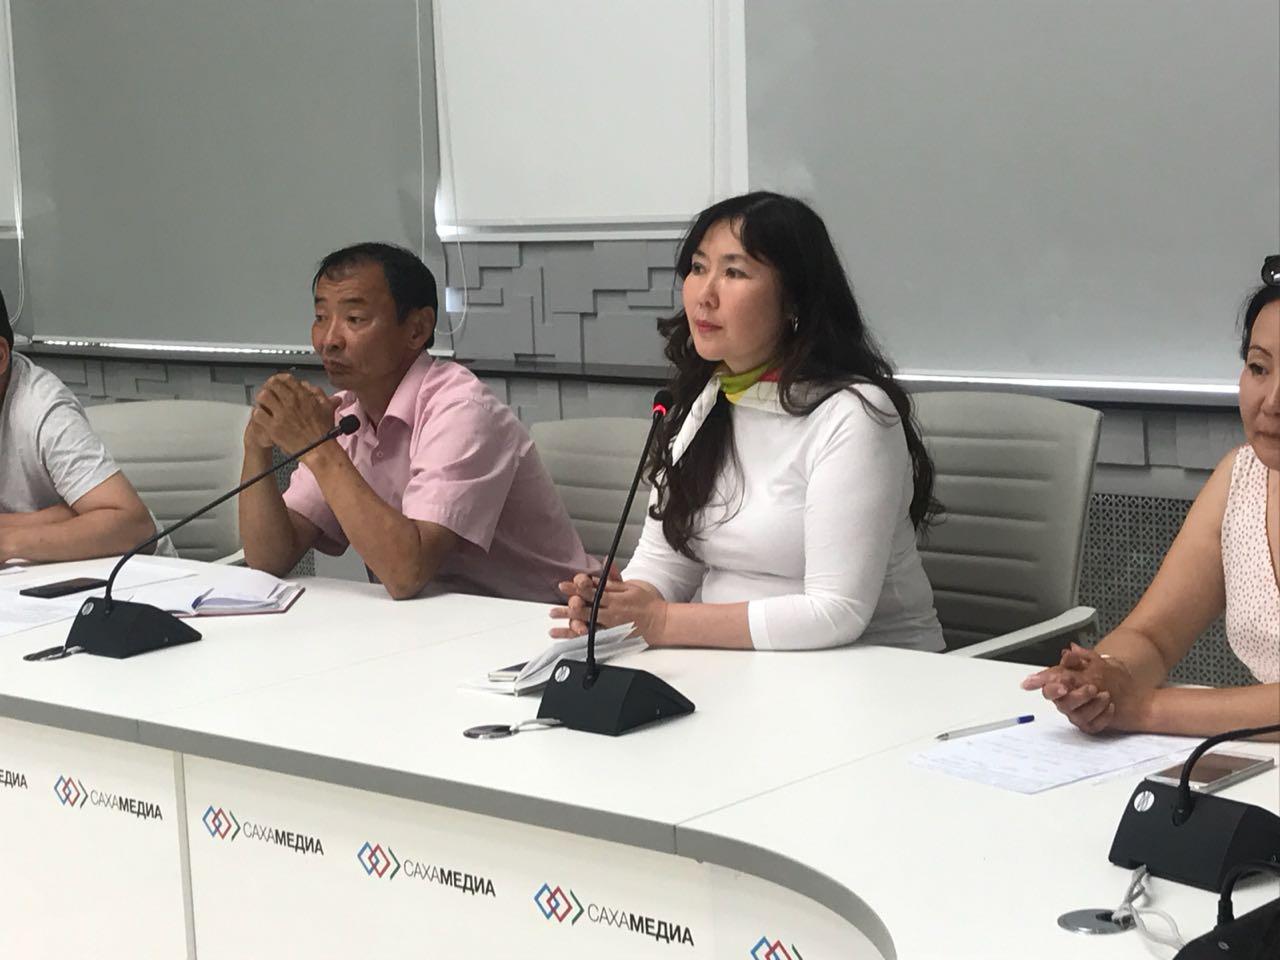 Мария Христофорова: Журналистам Якутии нужен День национальной печати